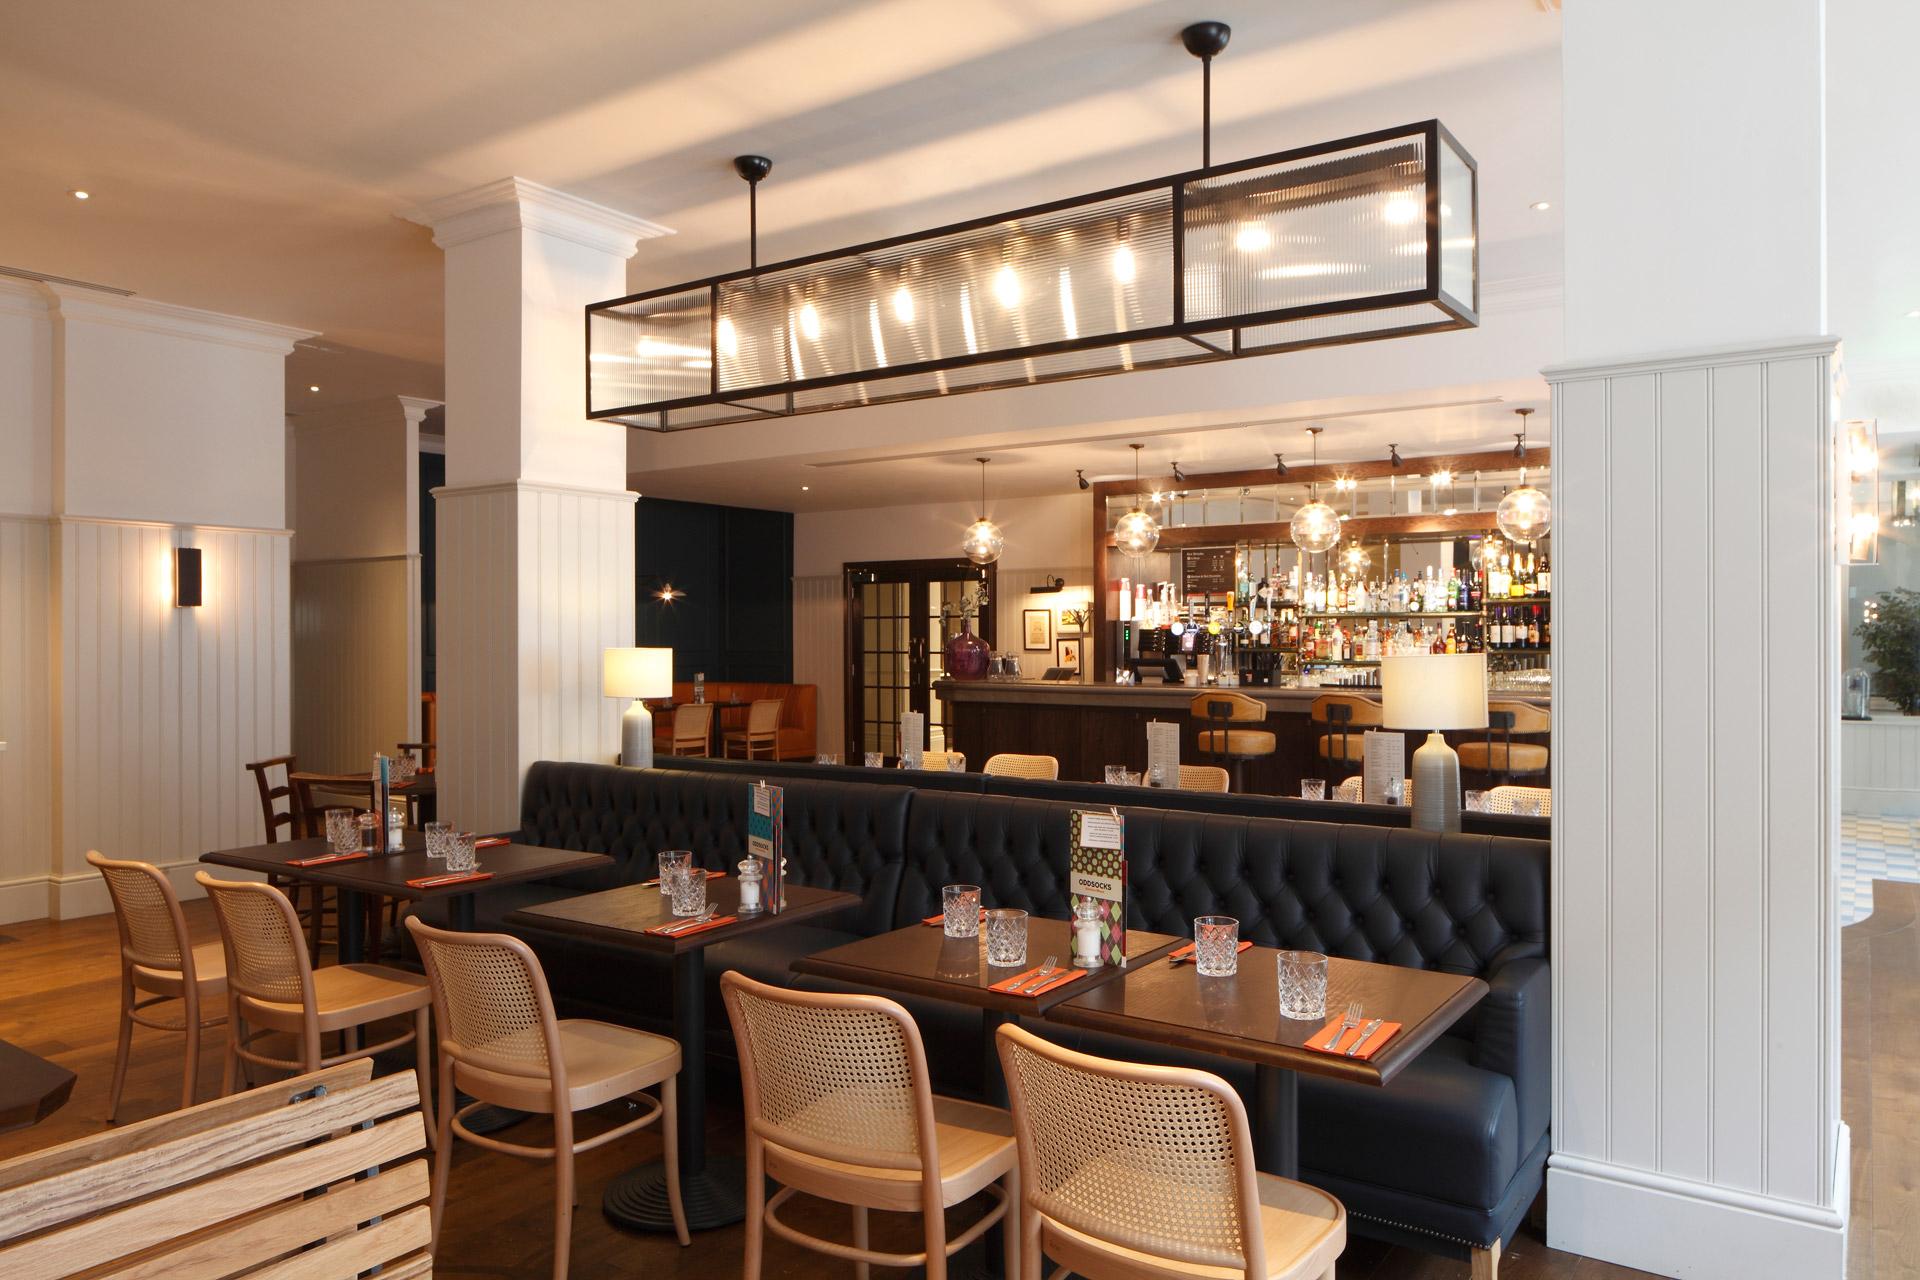 Manufacturing bespoke lighting for the Jurys Inn hotel group